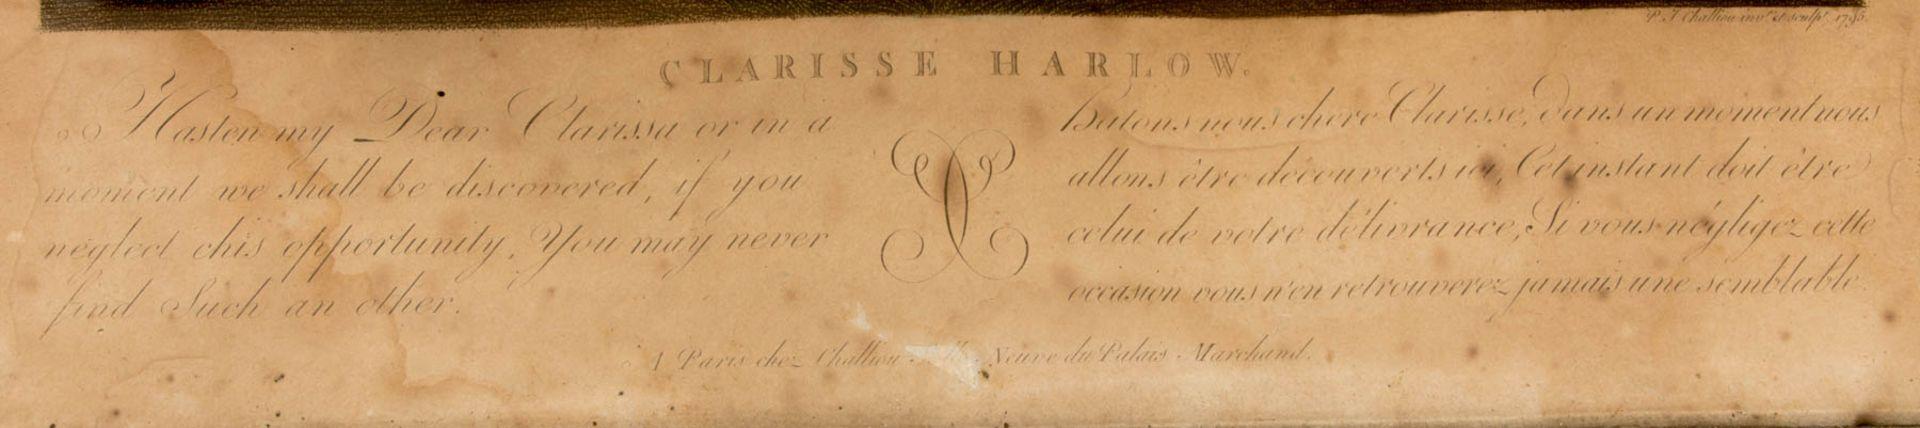 Die Leiden der Clarissa von Harlow, Druckgrafik, 19. Jh.Beide hinter Glas gerahmt, lei - Bild 4 aus 7